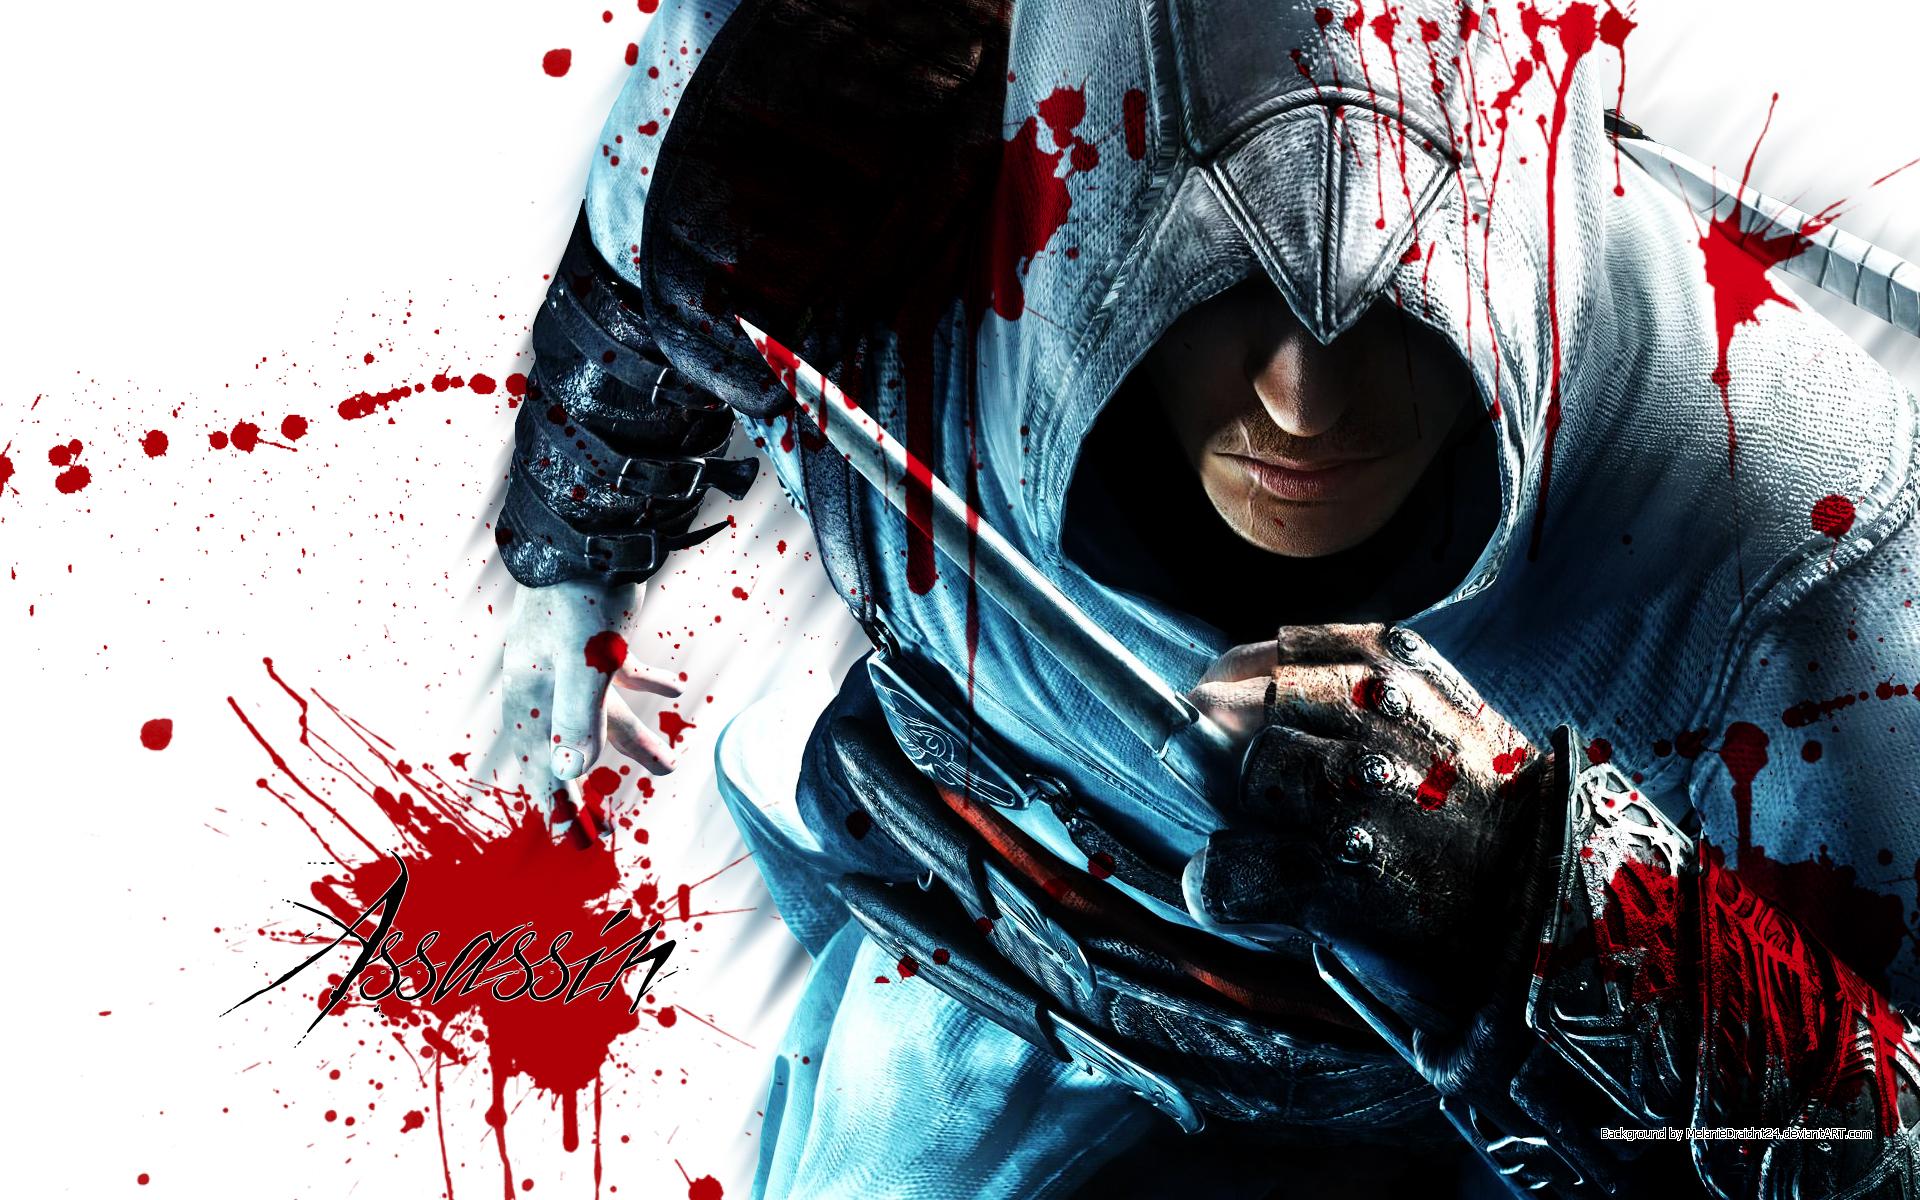 Assassins Creed Altair wallpaper   423266 1920x1200